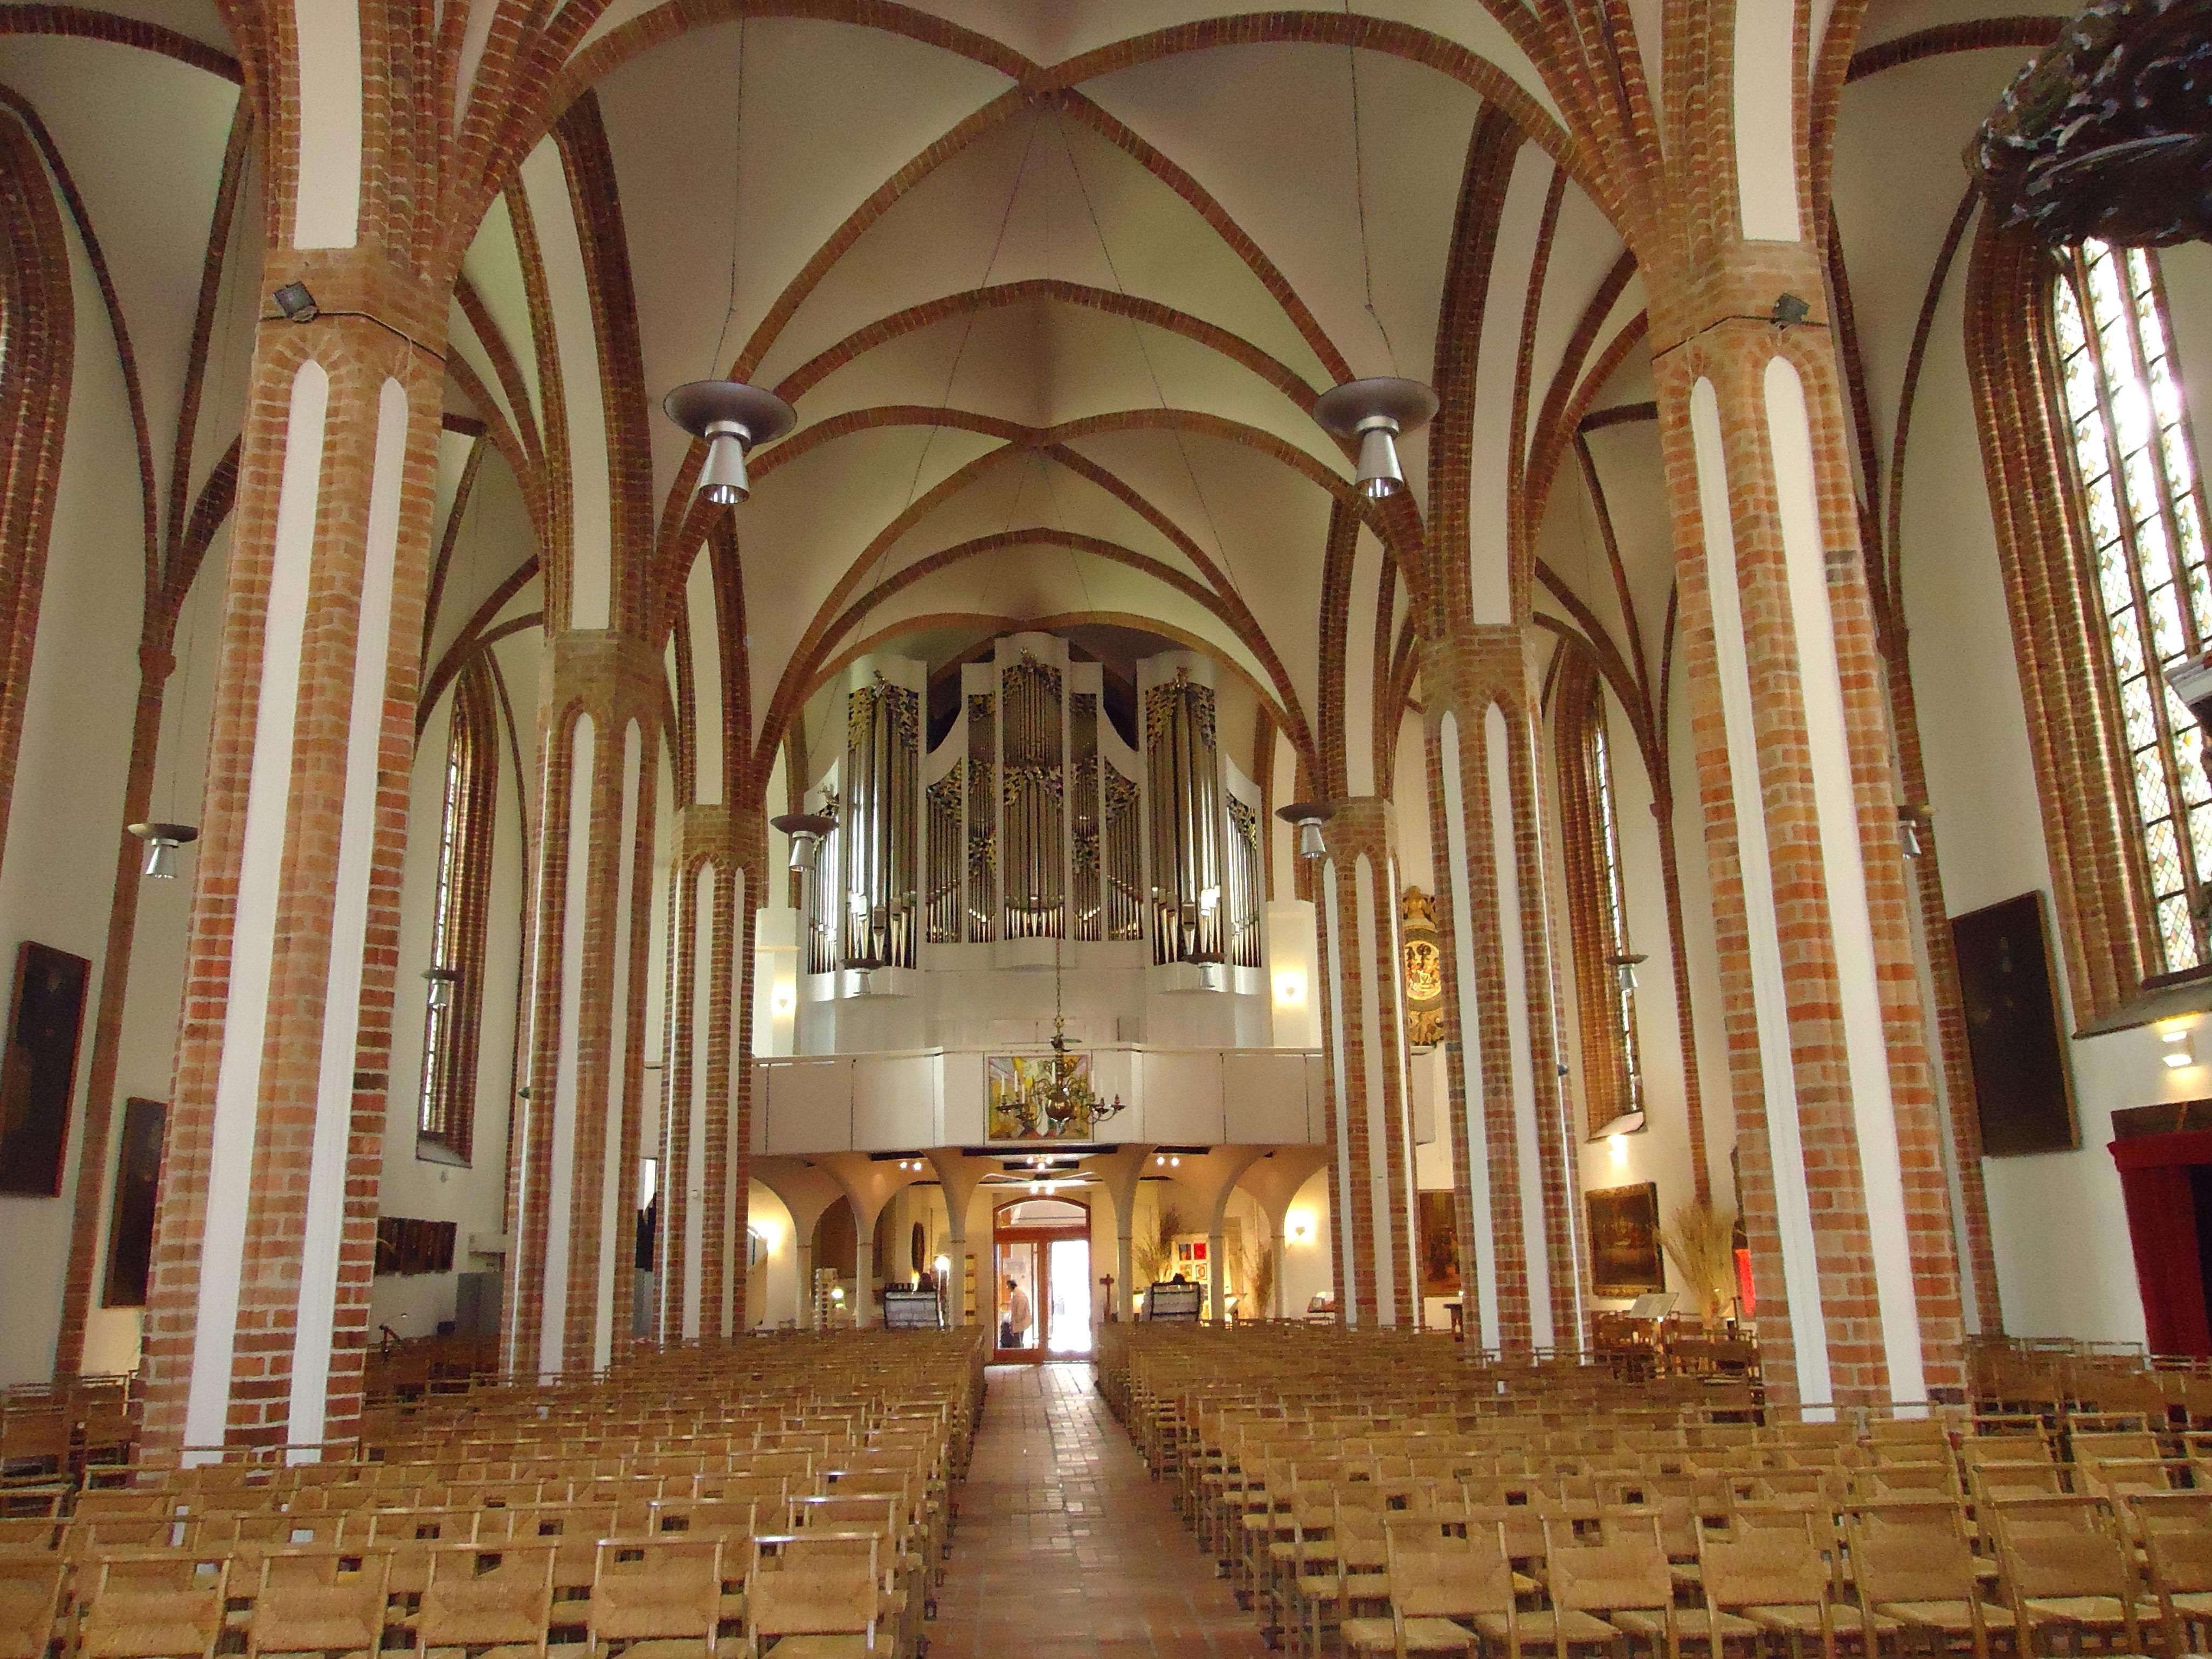 Gambar Gratis Gereja Arsitektur Agama Di Dalam Ruangan Katedral